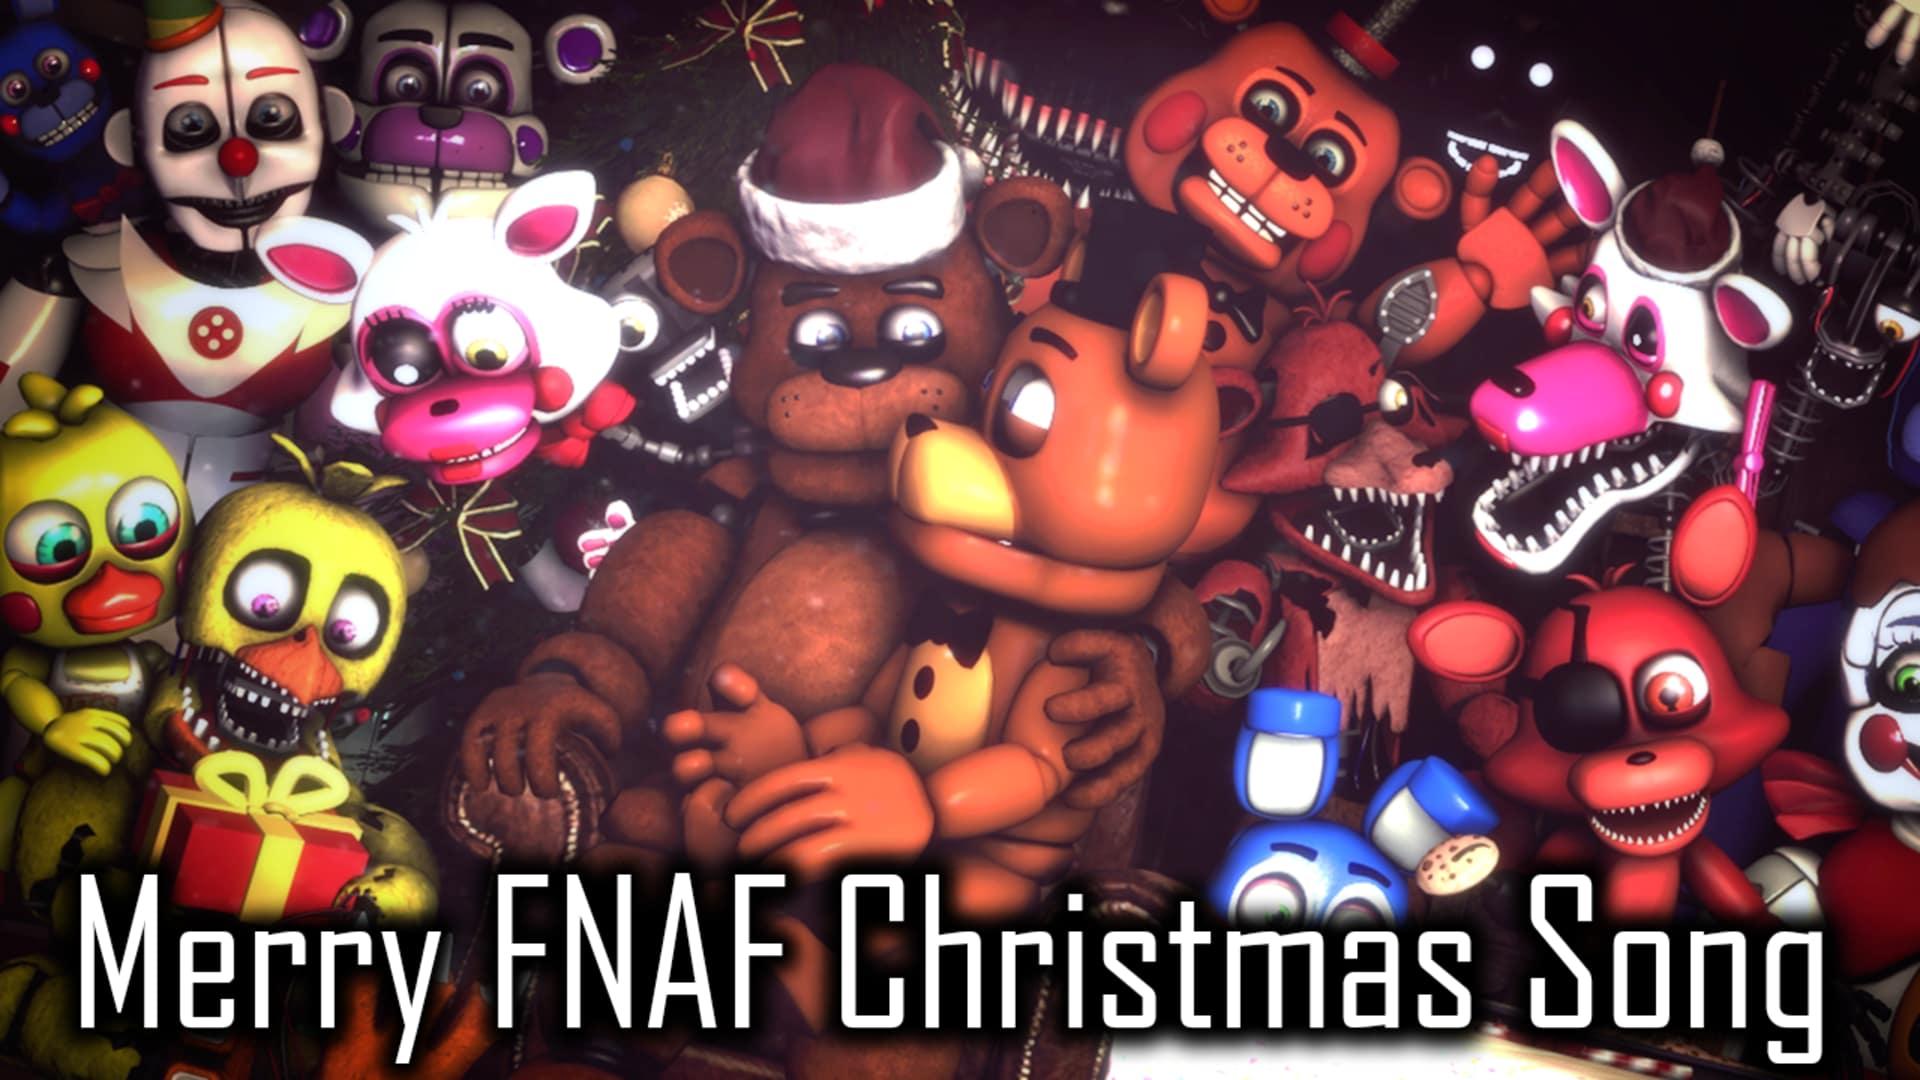 Fnaf Christmas.Merry Fnaf Christmas Song Rooster Teeth